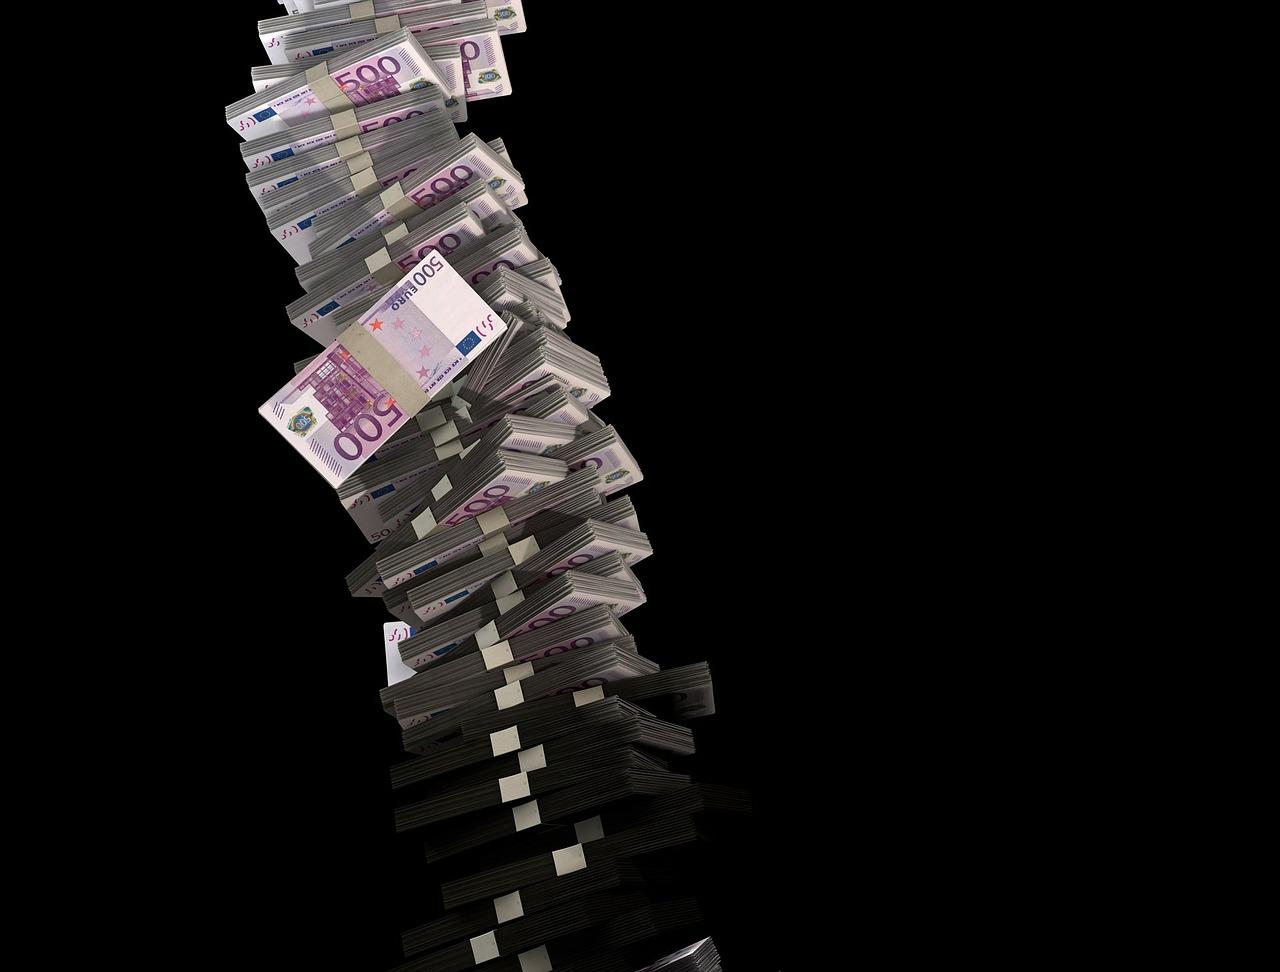 finans pengar